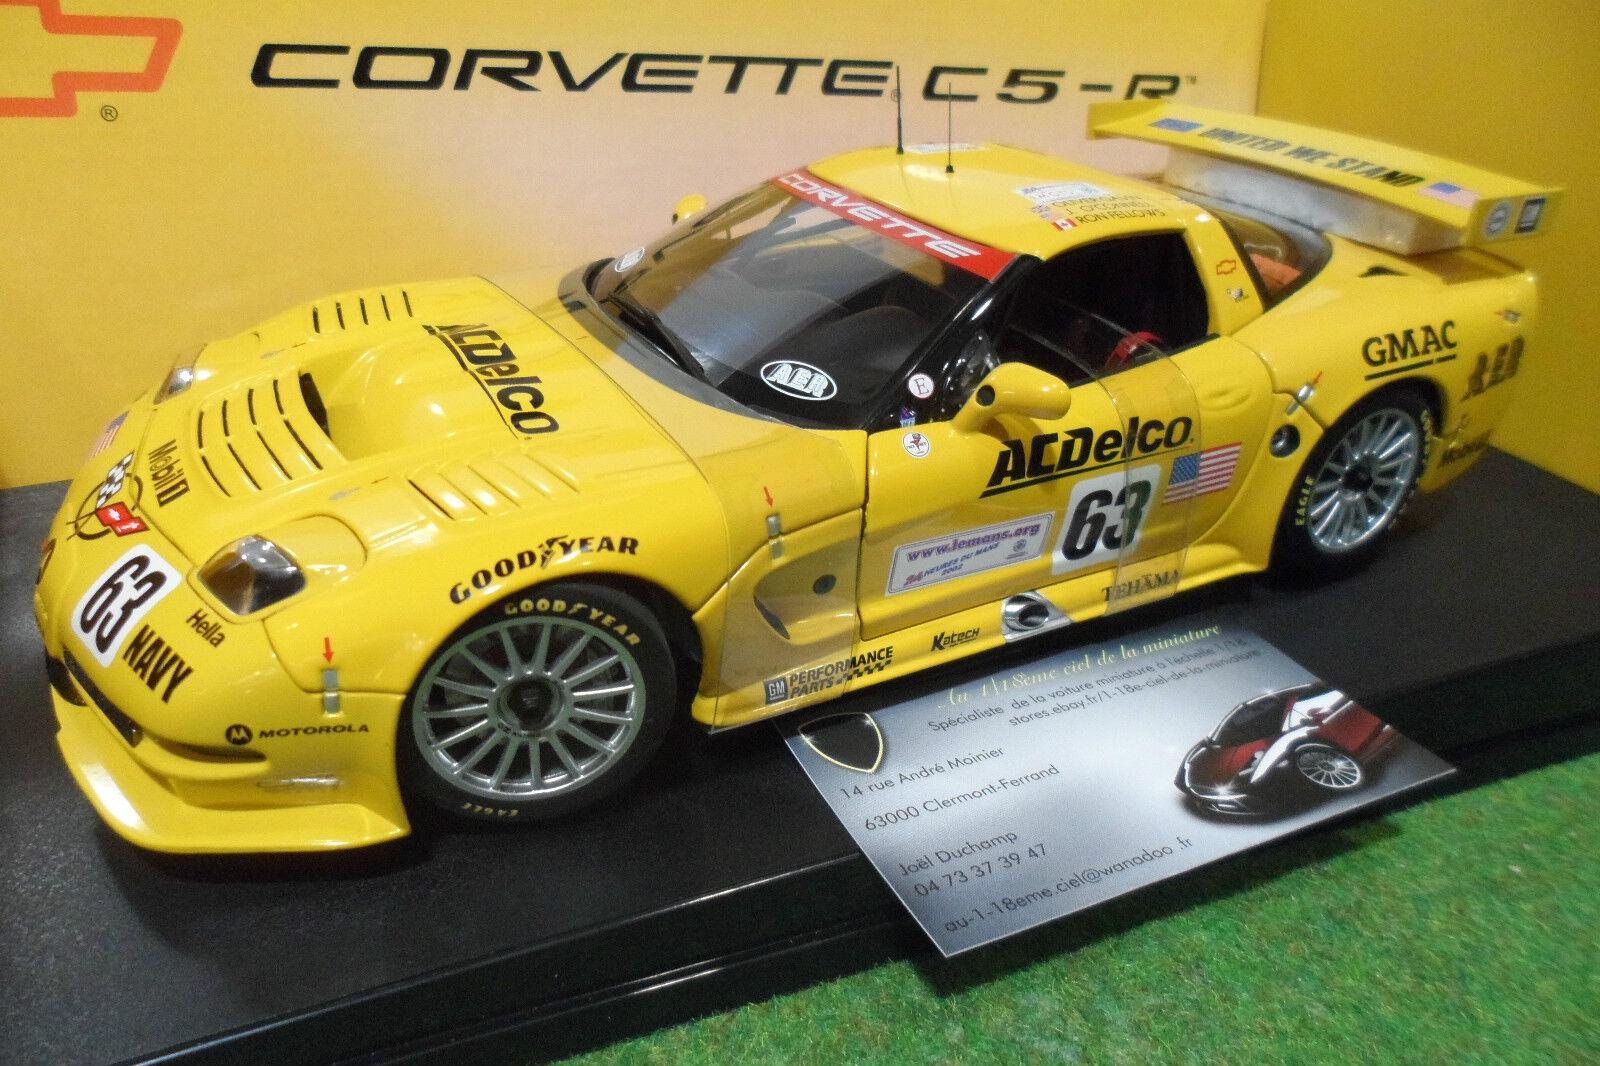 CHEVROLET CORVETTE C5-R   63 WINNER LE MANS 2002 au 1 18 AUTOart 80205 miniature